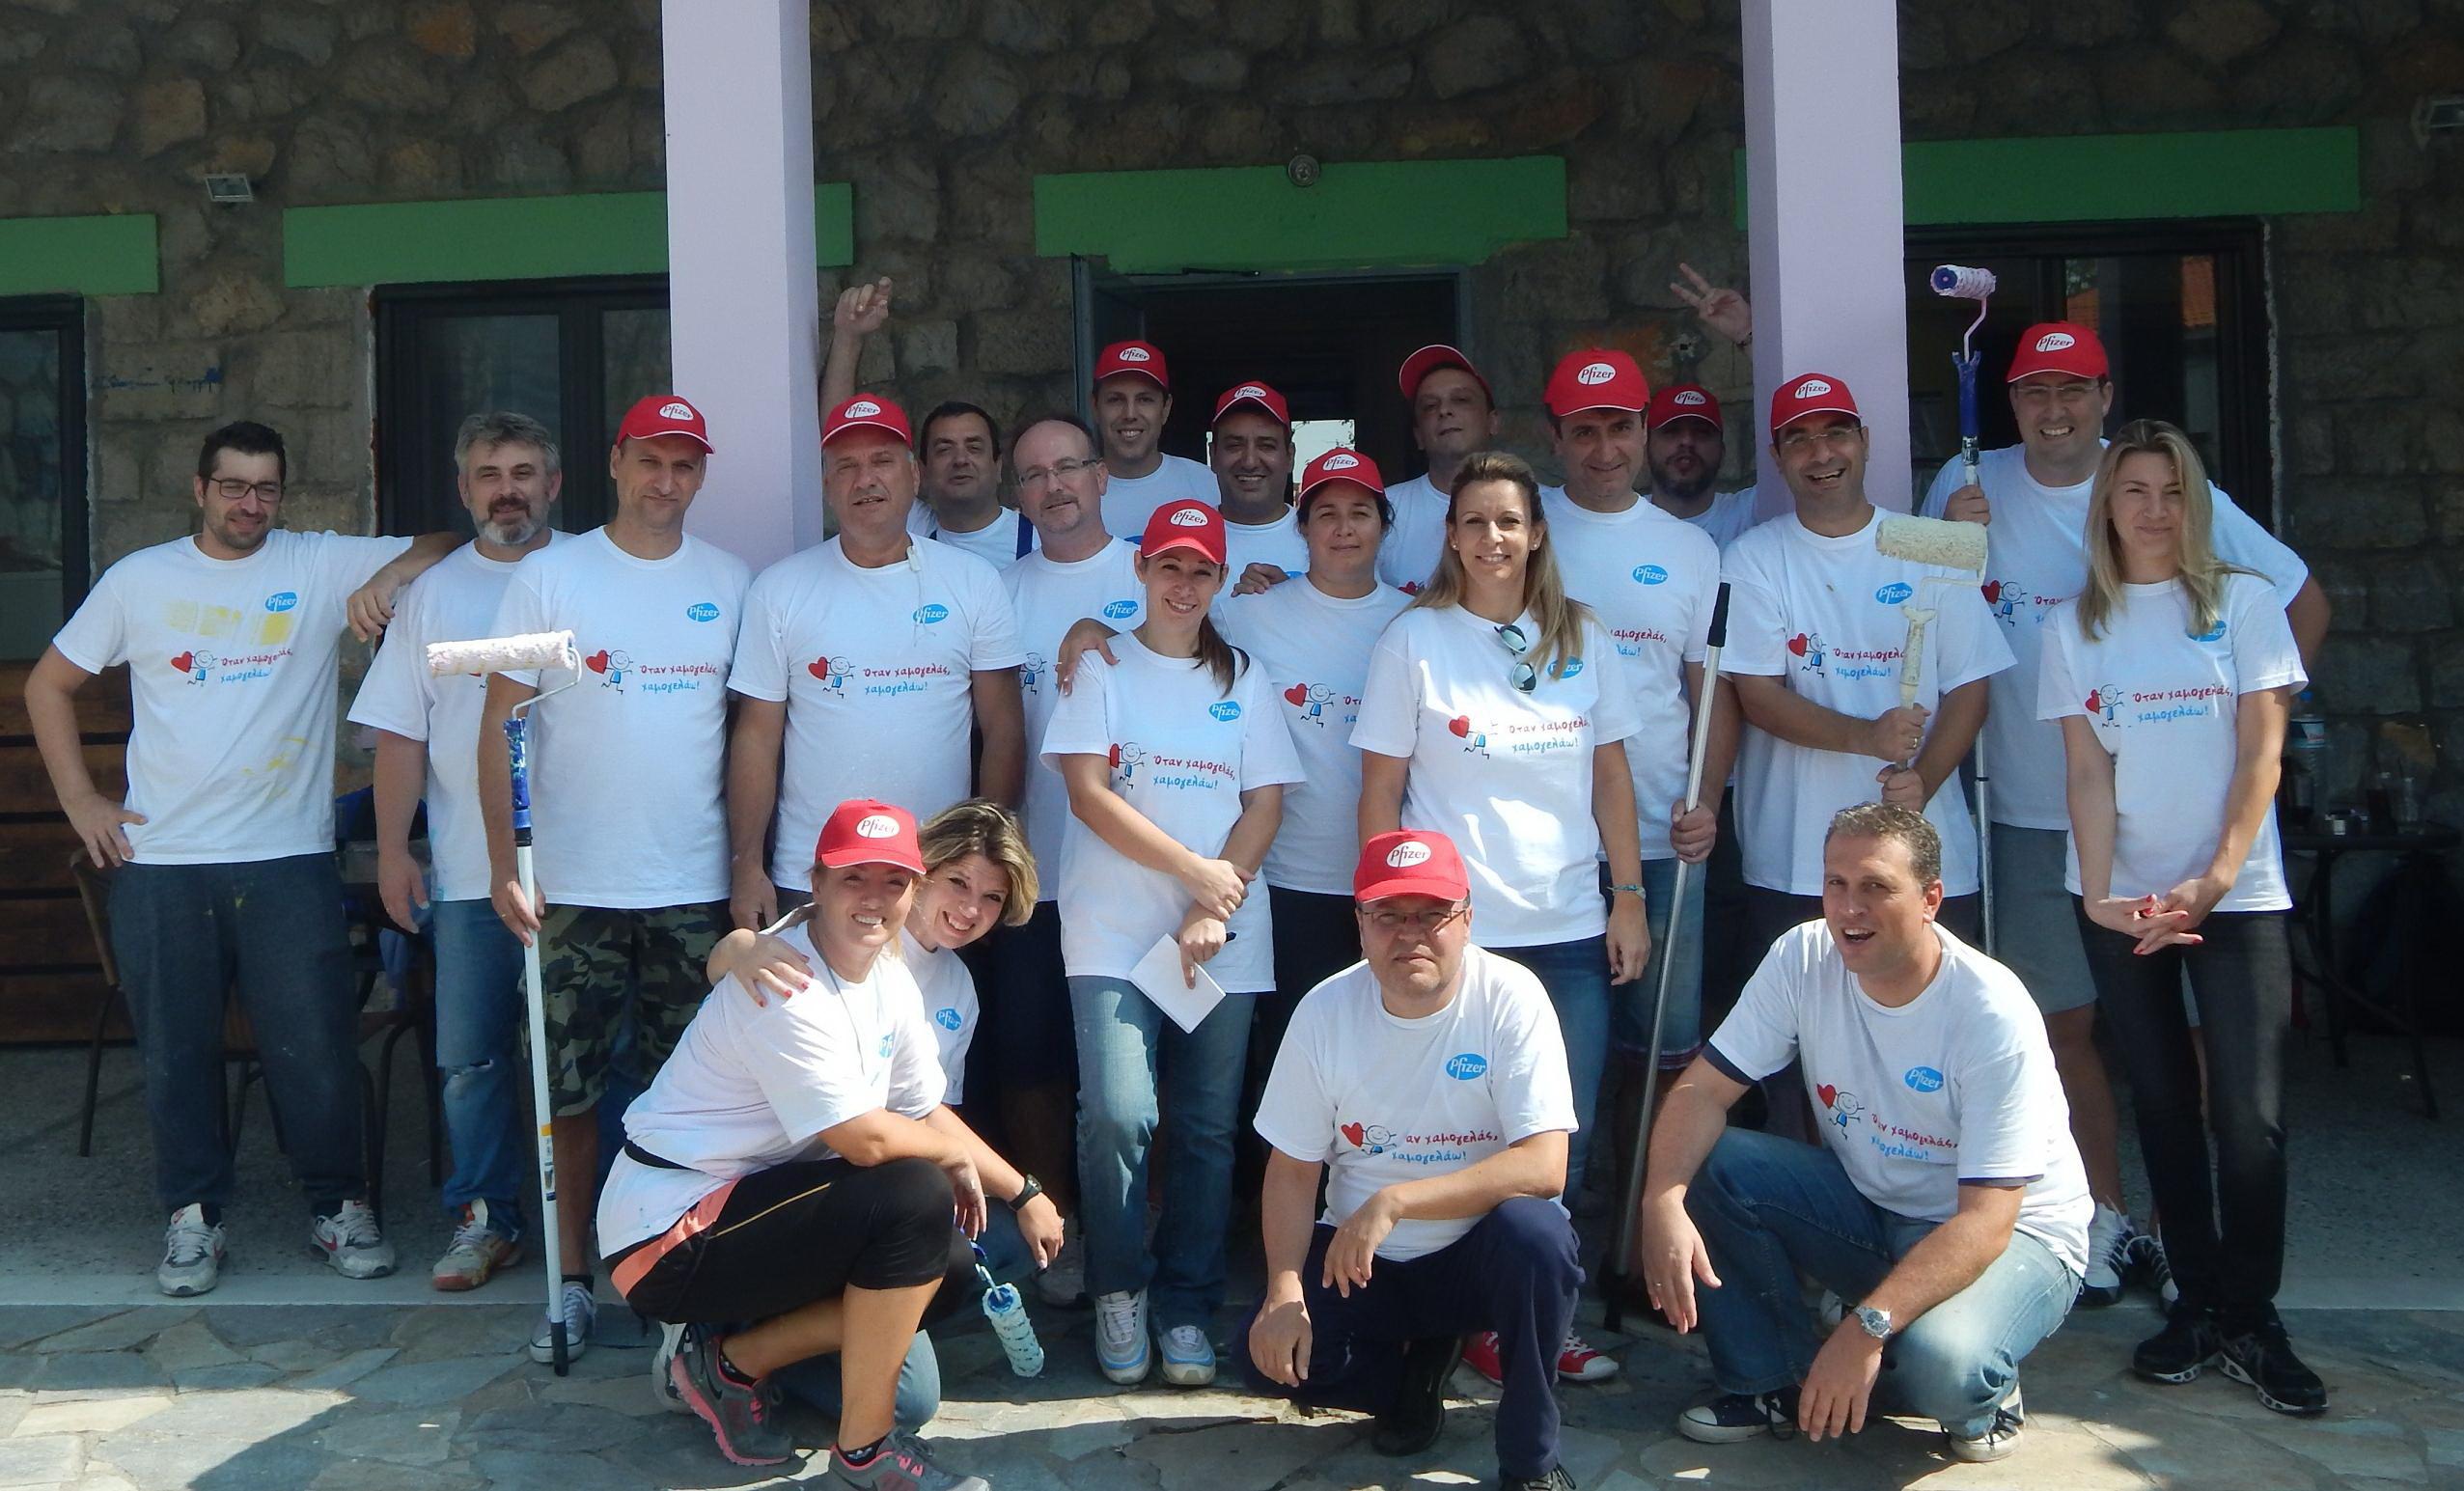 Οι εργαζόμενοι της Pfizer Hellas απλώνουν χείρα βοηθείας στα παιδιά!